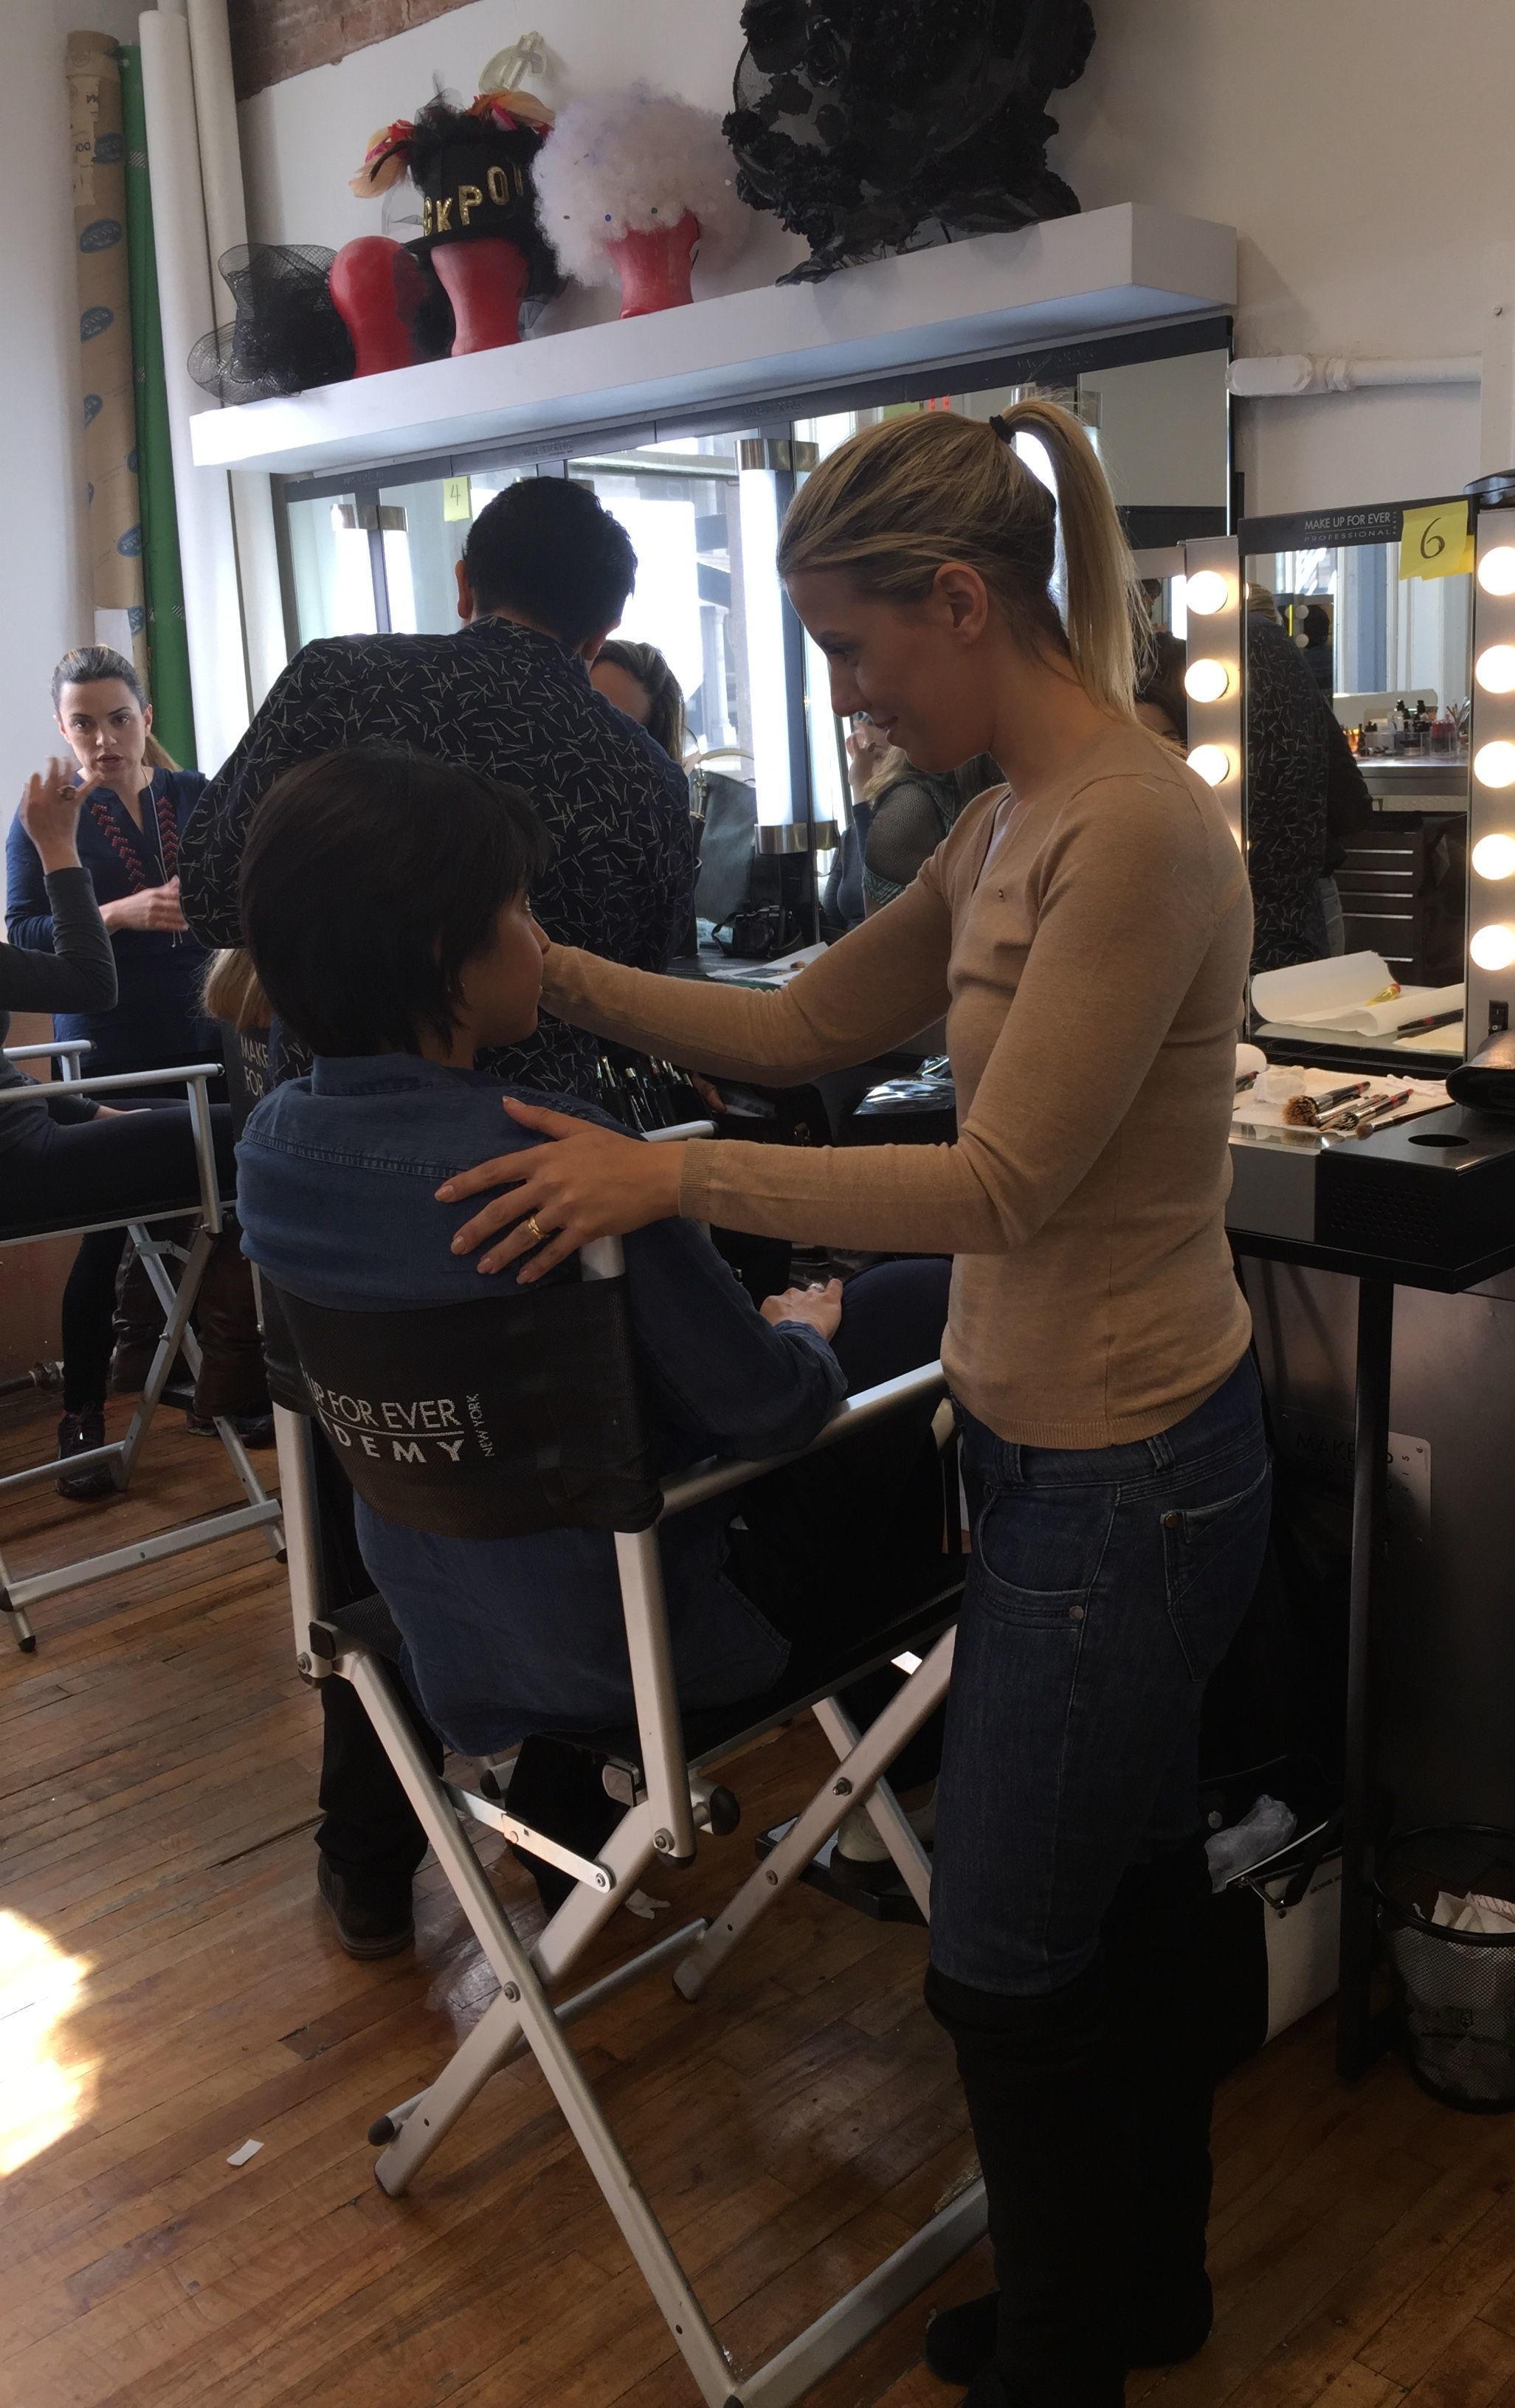 Maquiagem por Paula Benaion maquiador(a) empresário(a) / dono de negócio